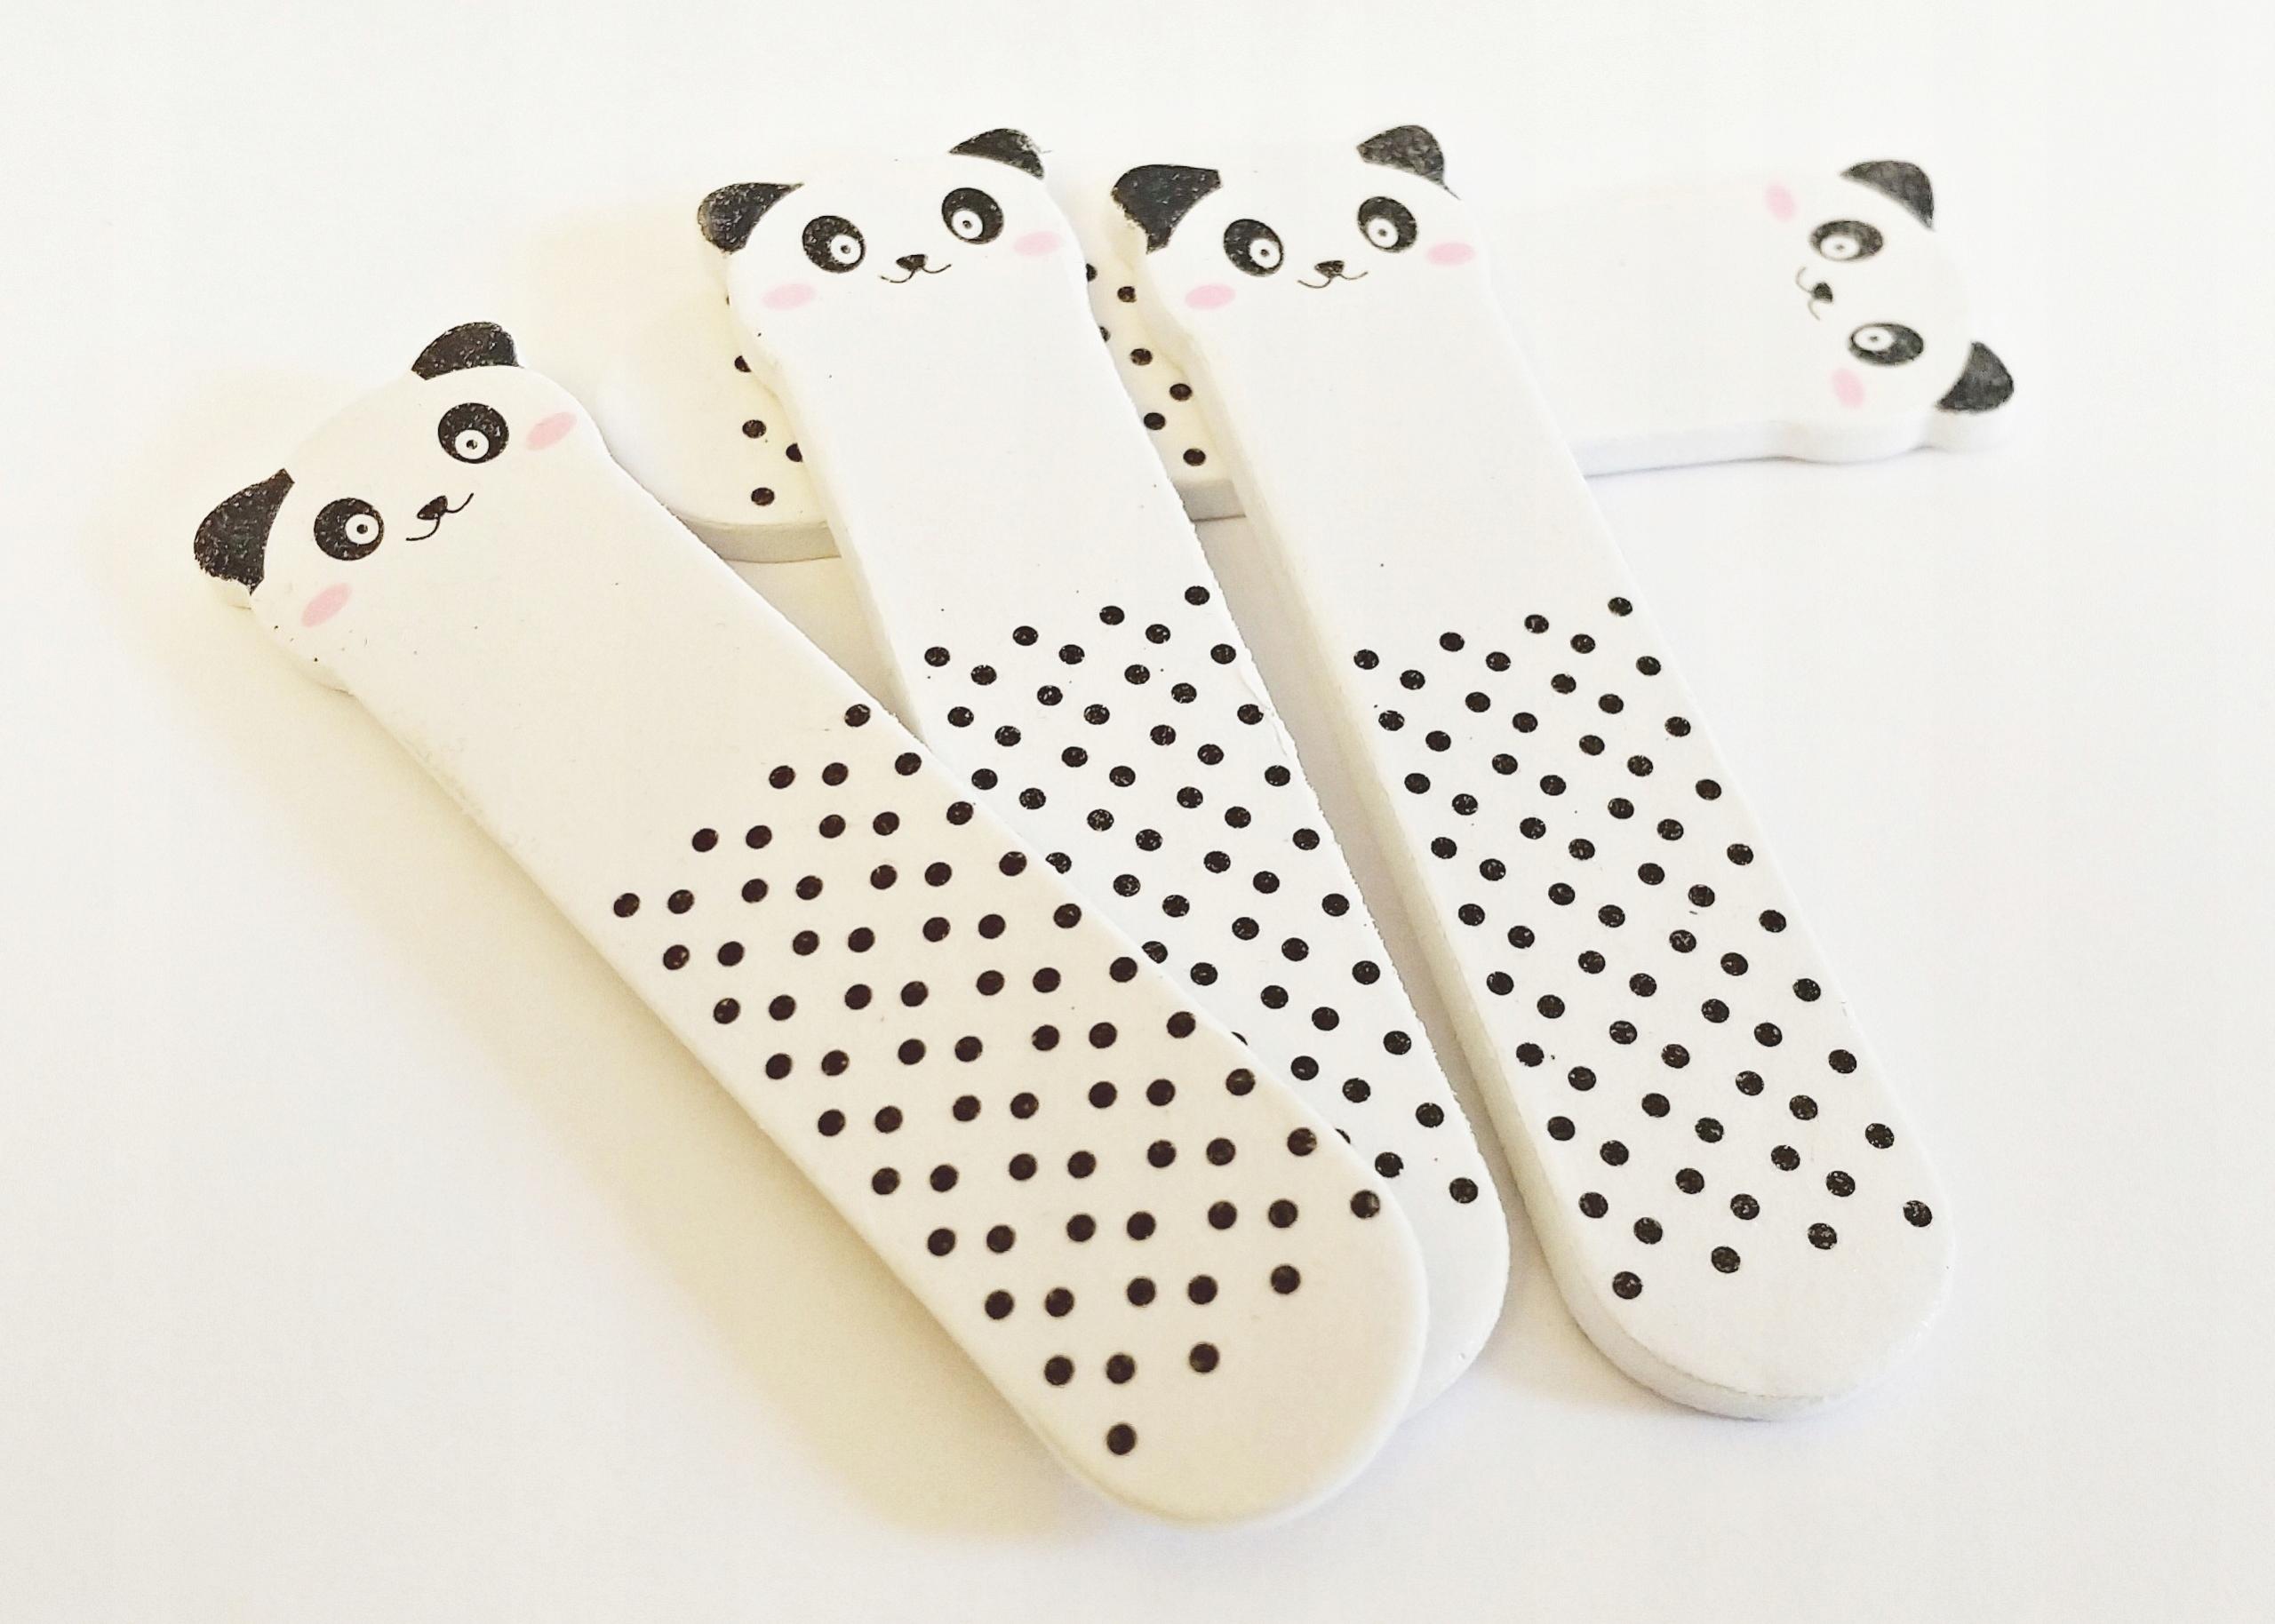 PILNICZKI PILNIKI do paznokci białe pandy